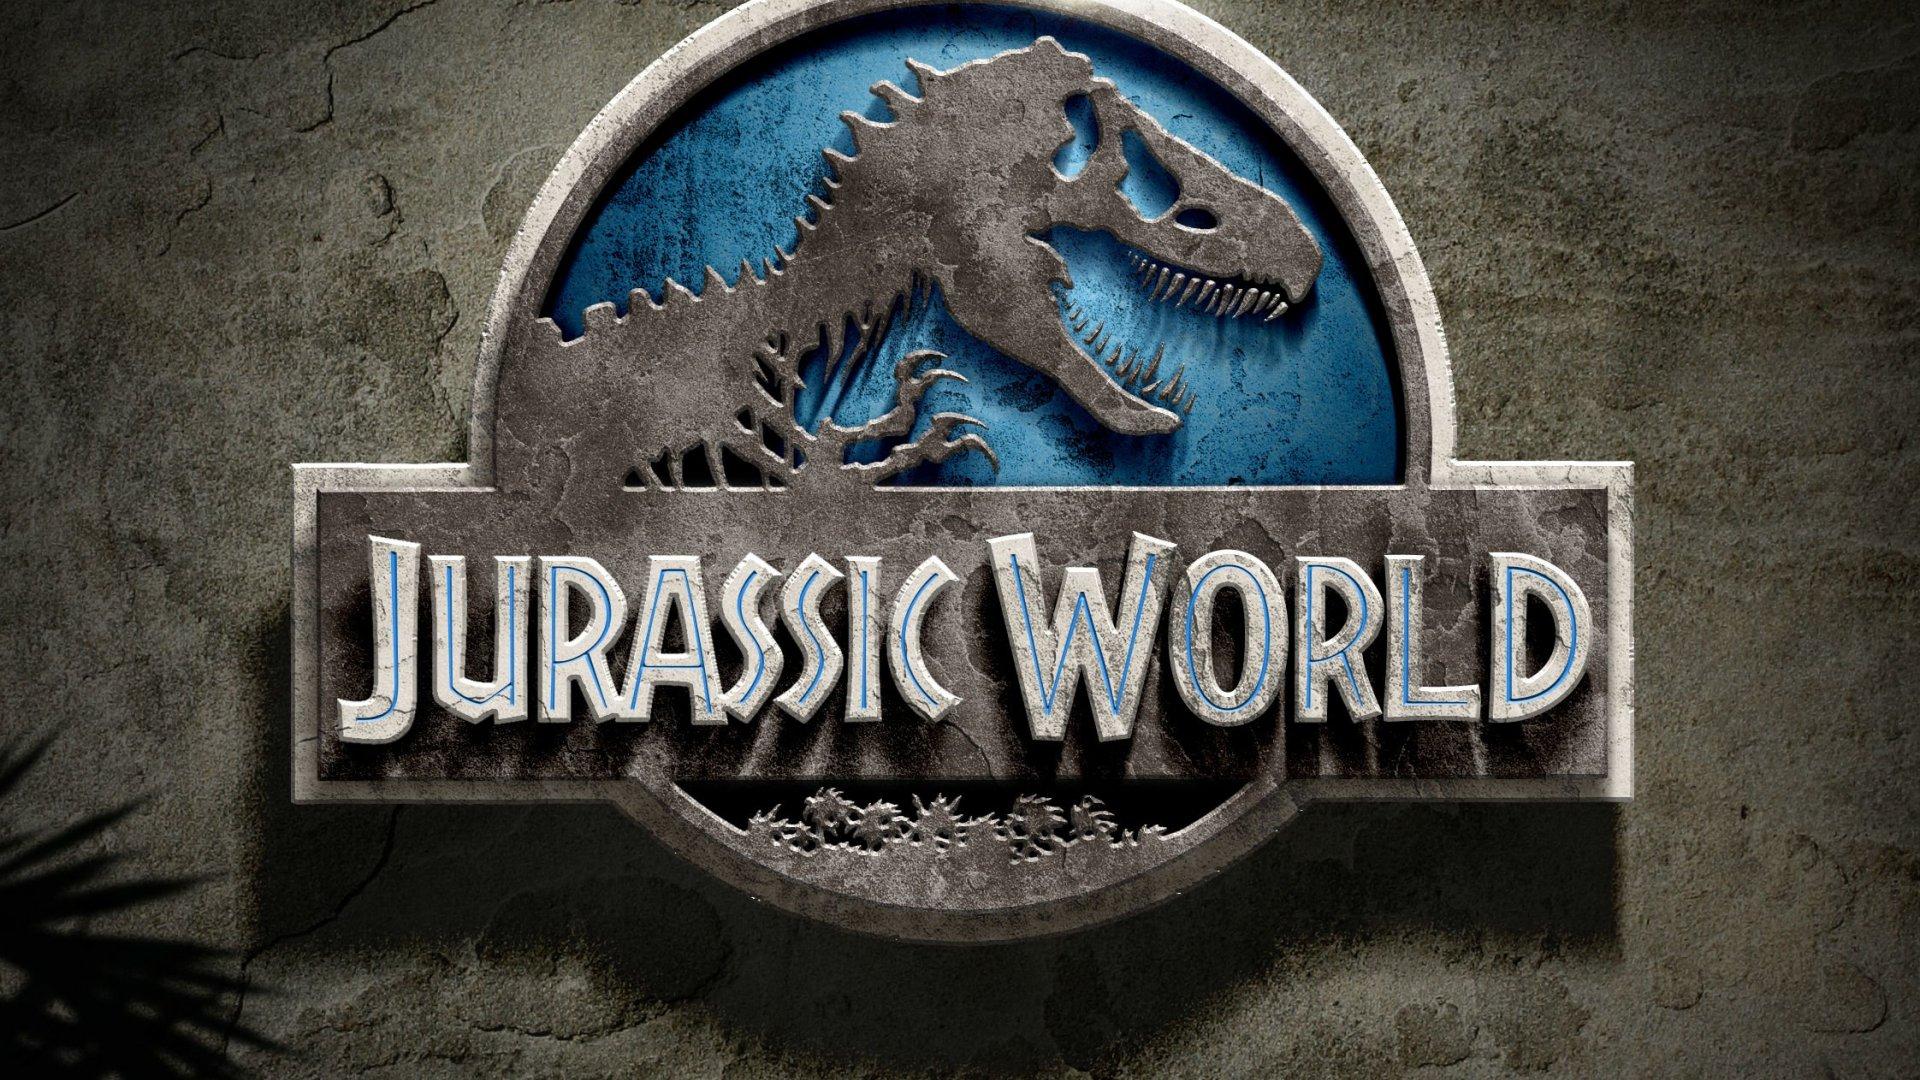 Jurassic Park podría hacerse realidad, según el asesor científico del film